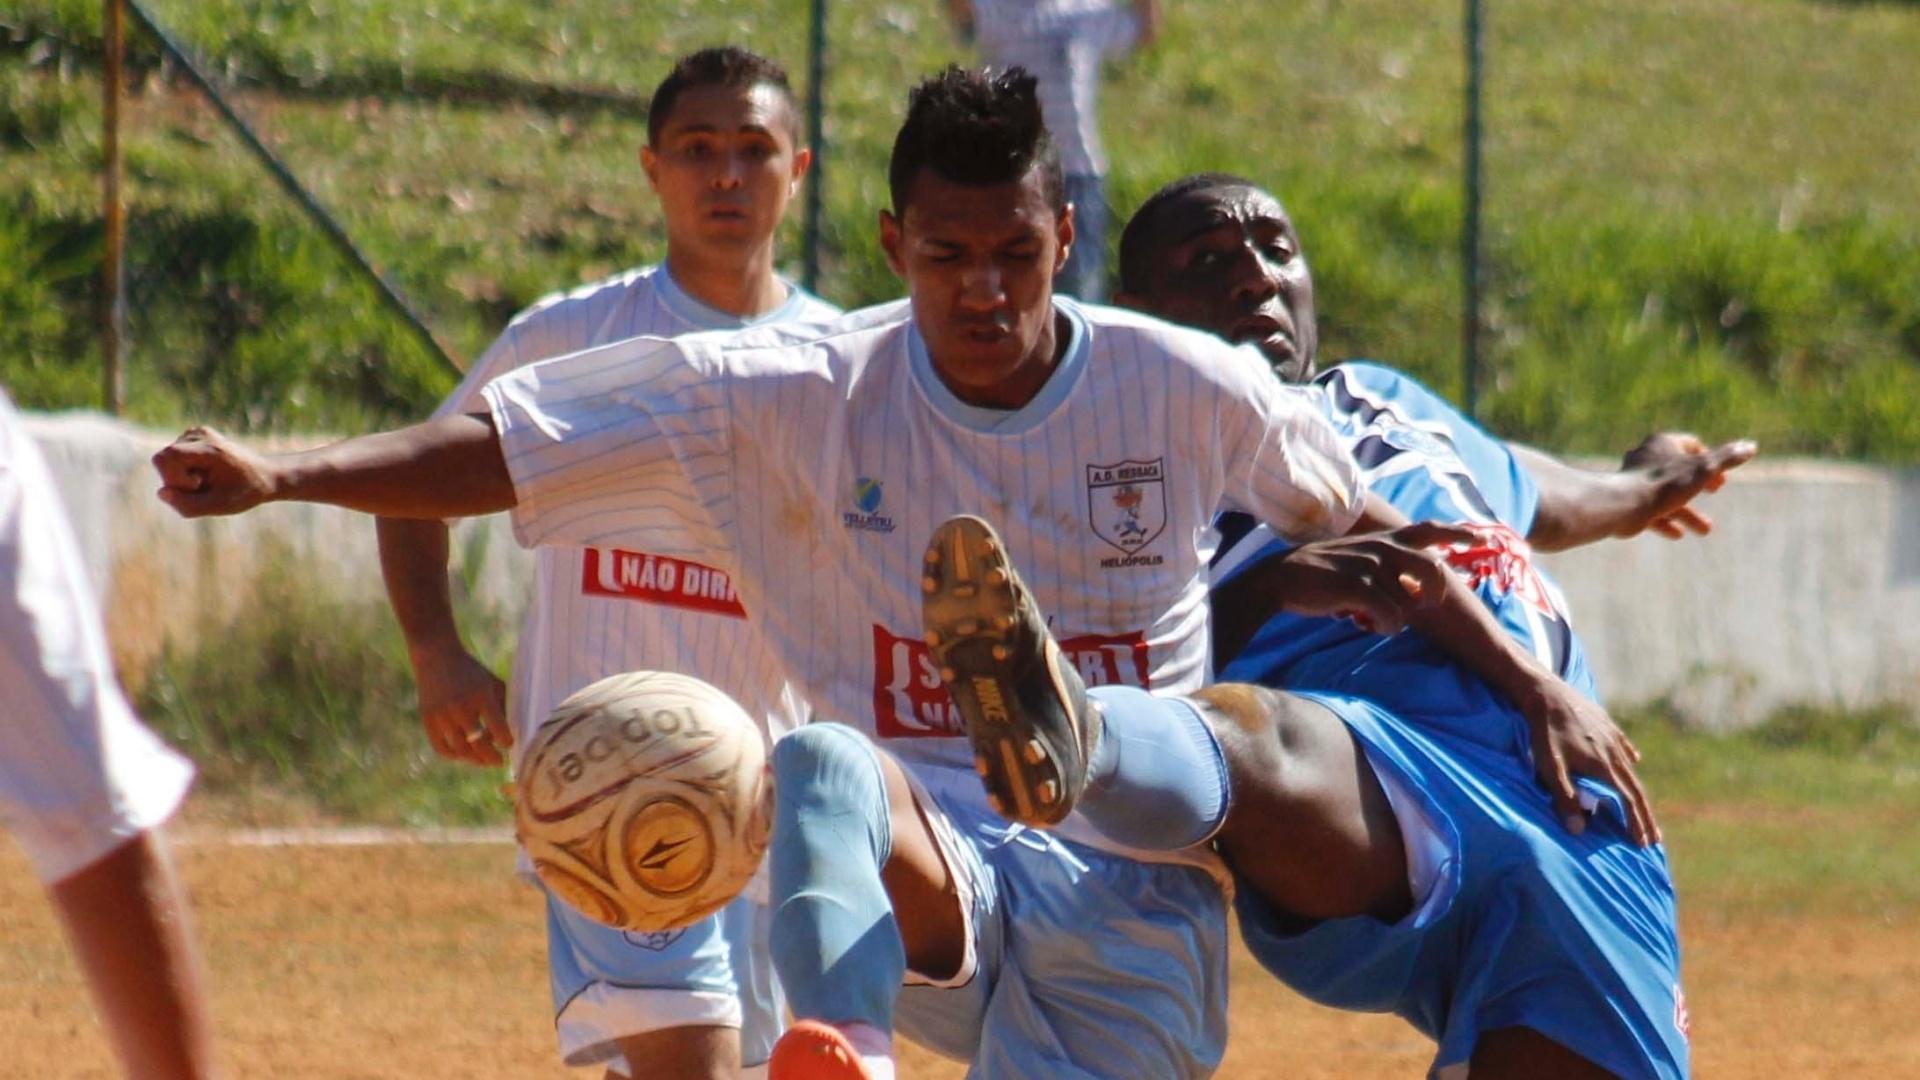 Jogador do Ressaca (branco) é fortemente marcado por zagueiro do Irmãos Coragem (azul)